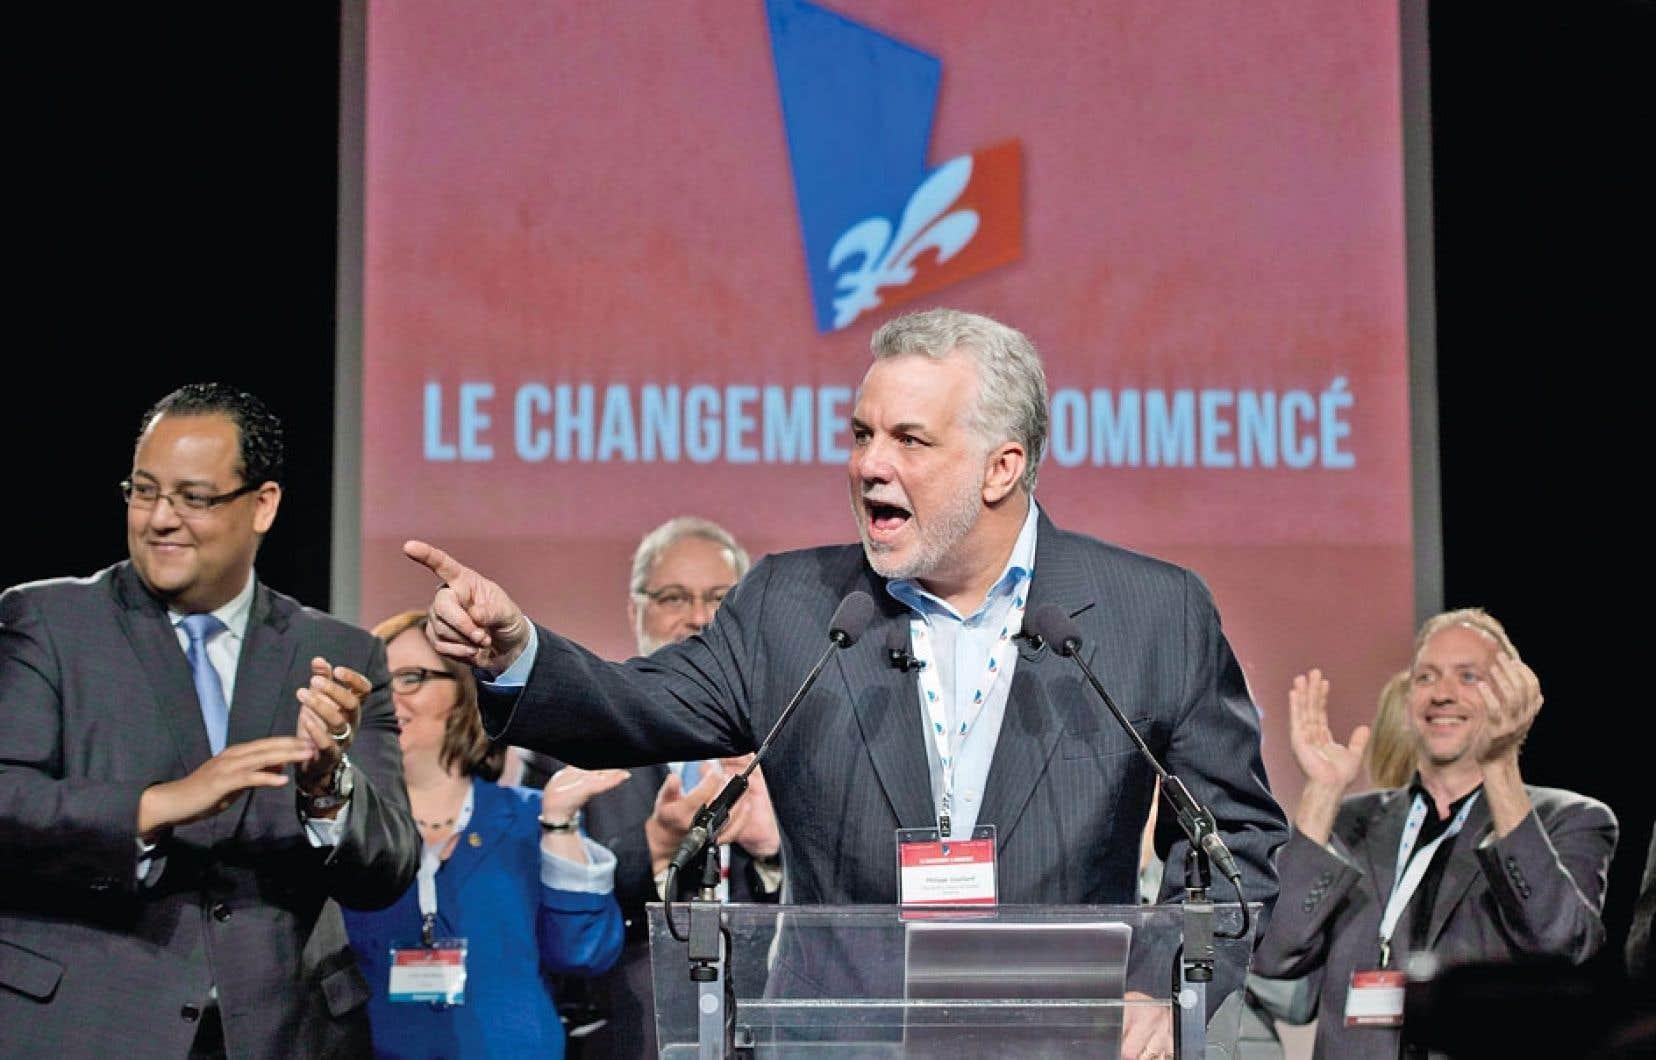 Le rassemblement de samedi était le premier de cette envergure depuis que Philippe Couillard a pris la tête du PLQ.